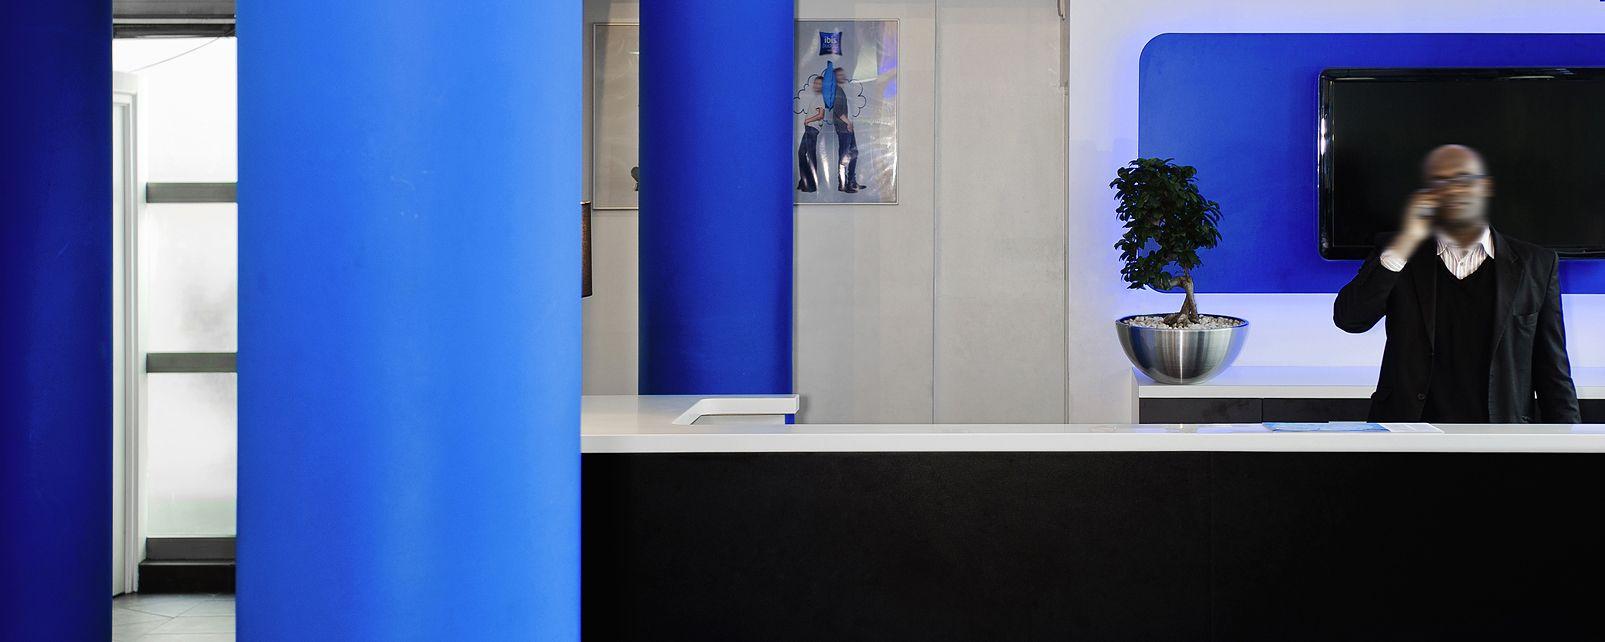 Hotel ibis budget paris porte de vincennes parigi - Hotel ibis budget paris porte de vincennes ...